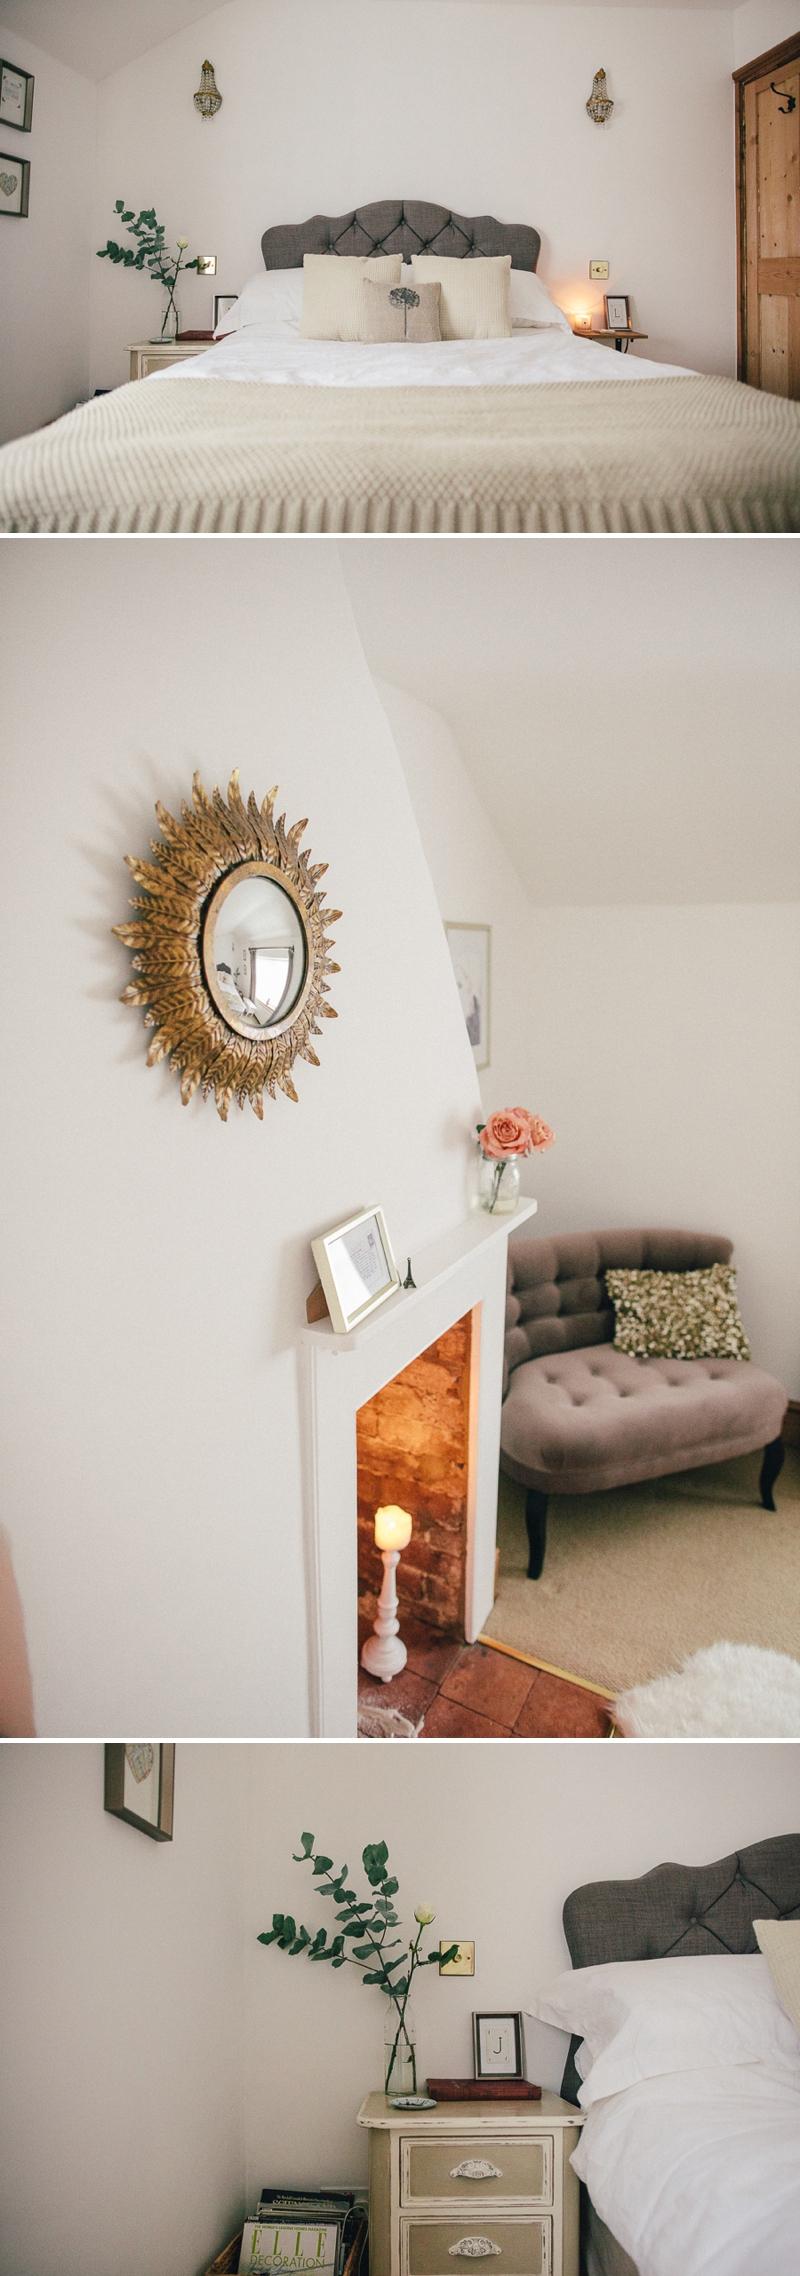 Fairly light contemporary home interiors blog_0124